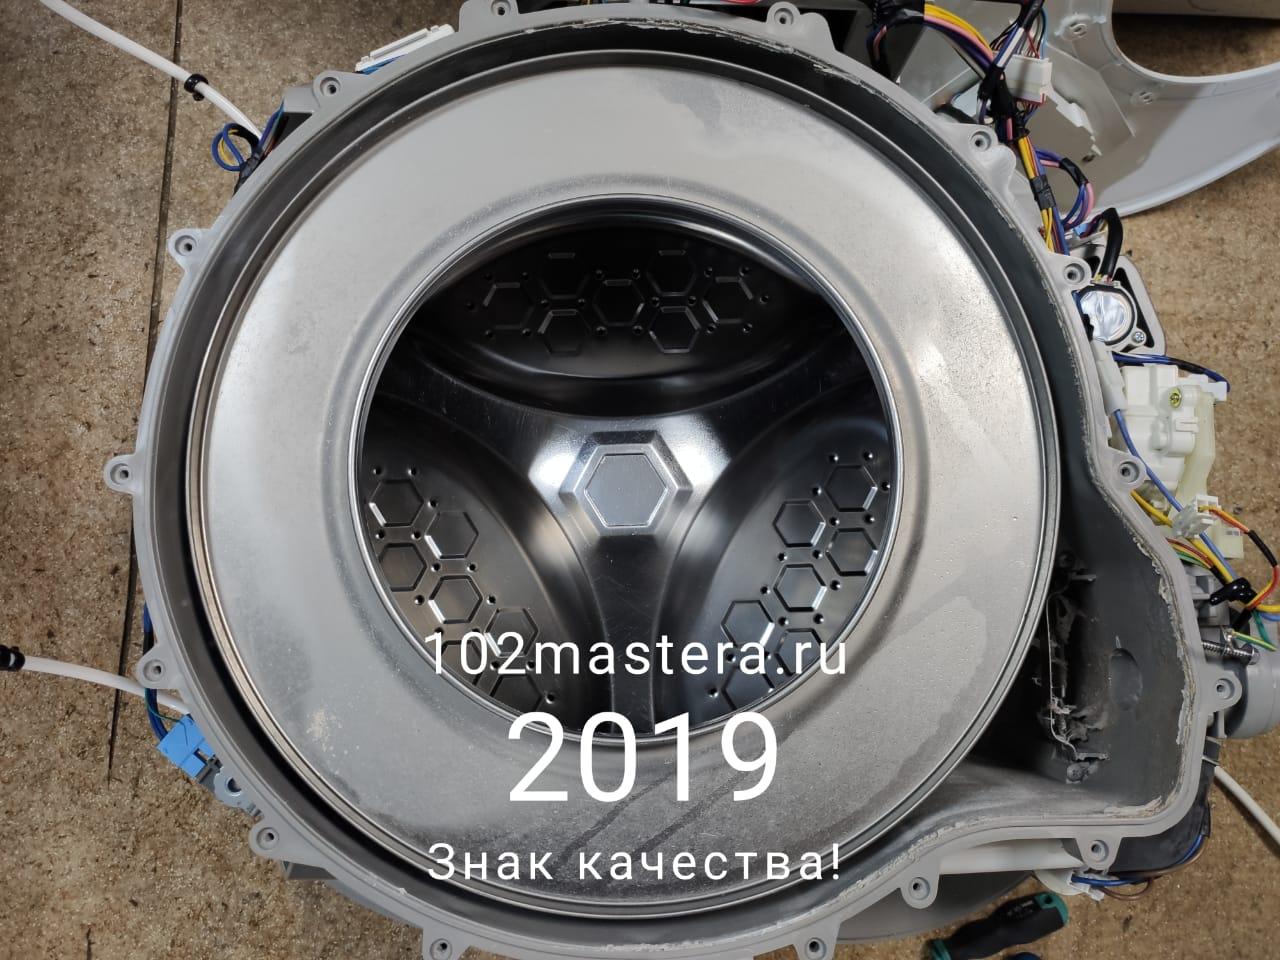 Ремонт мини стиральная машина стерлитамак уфа